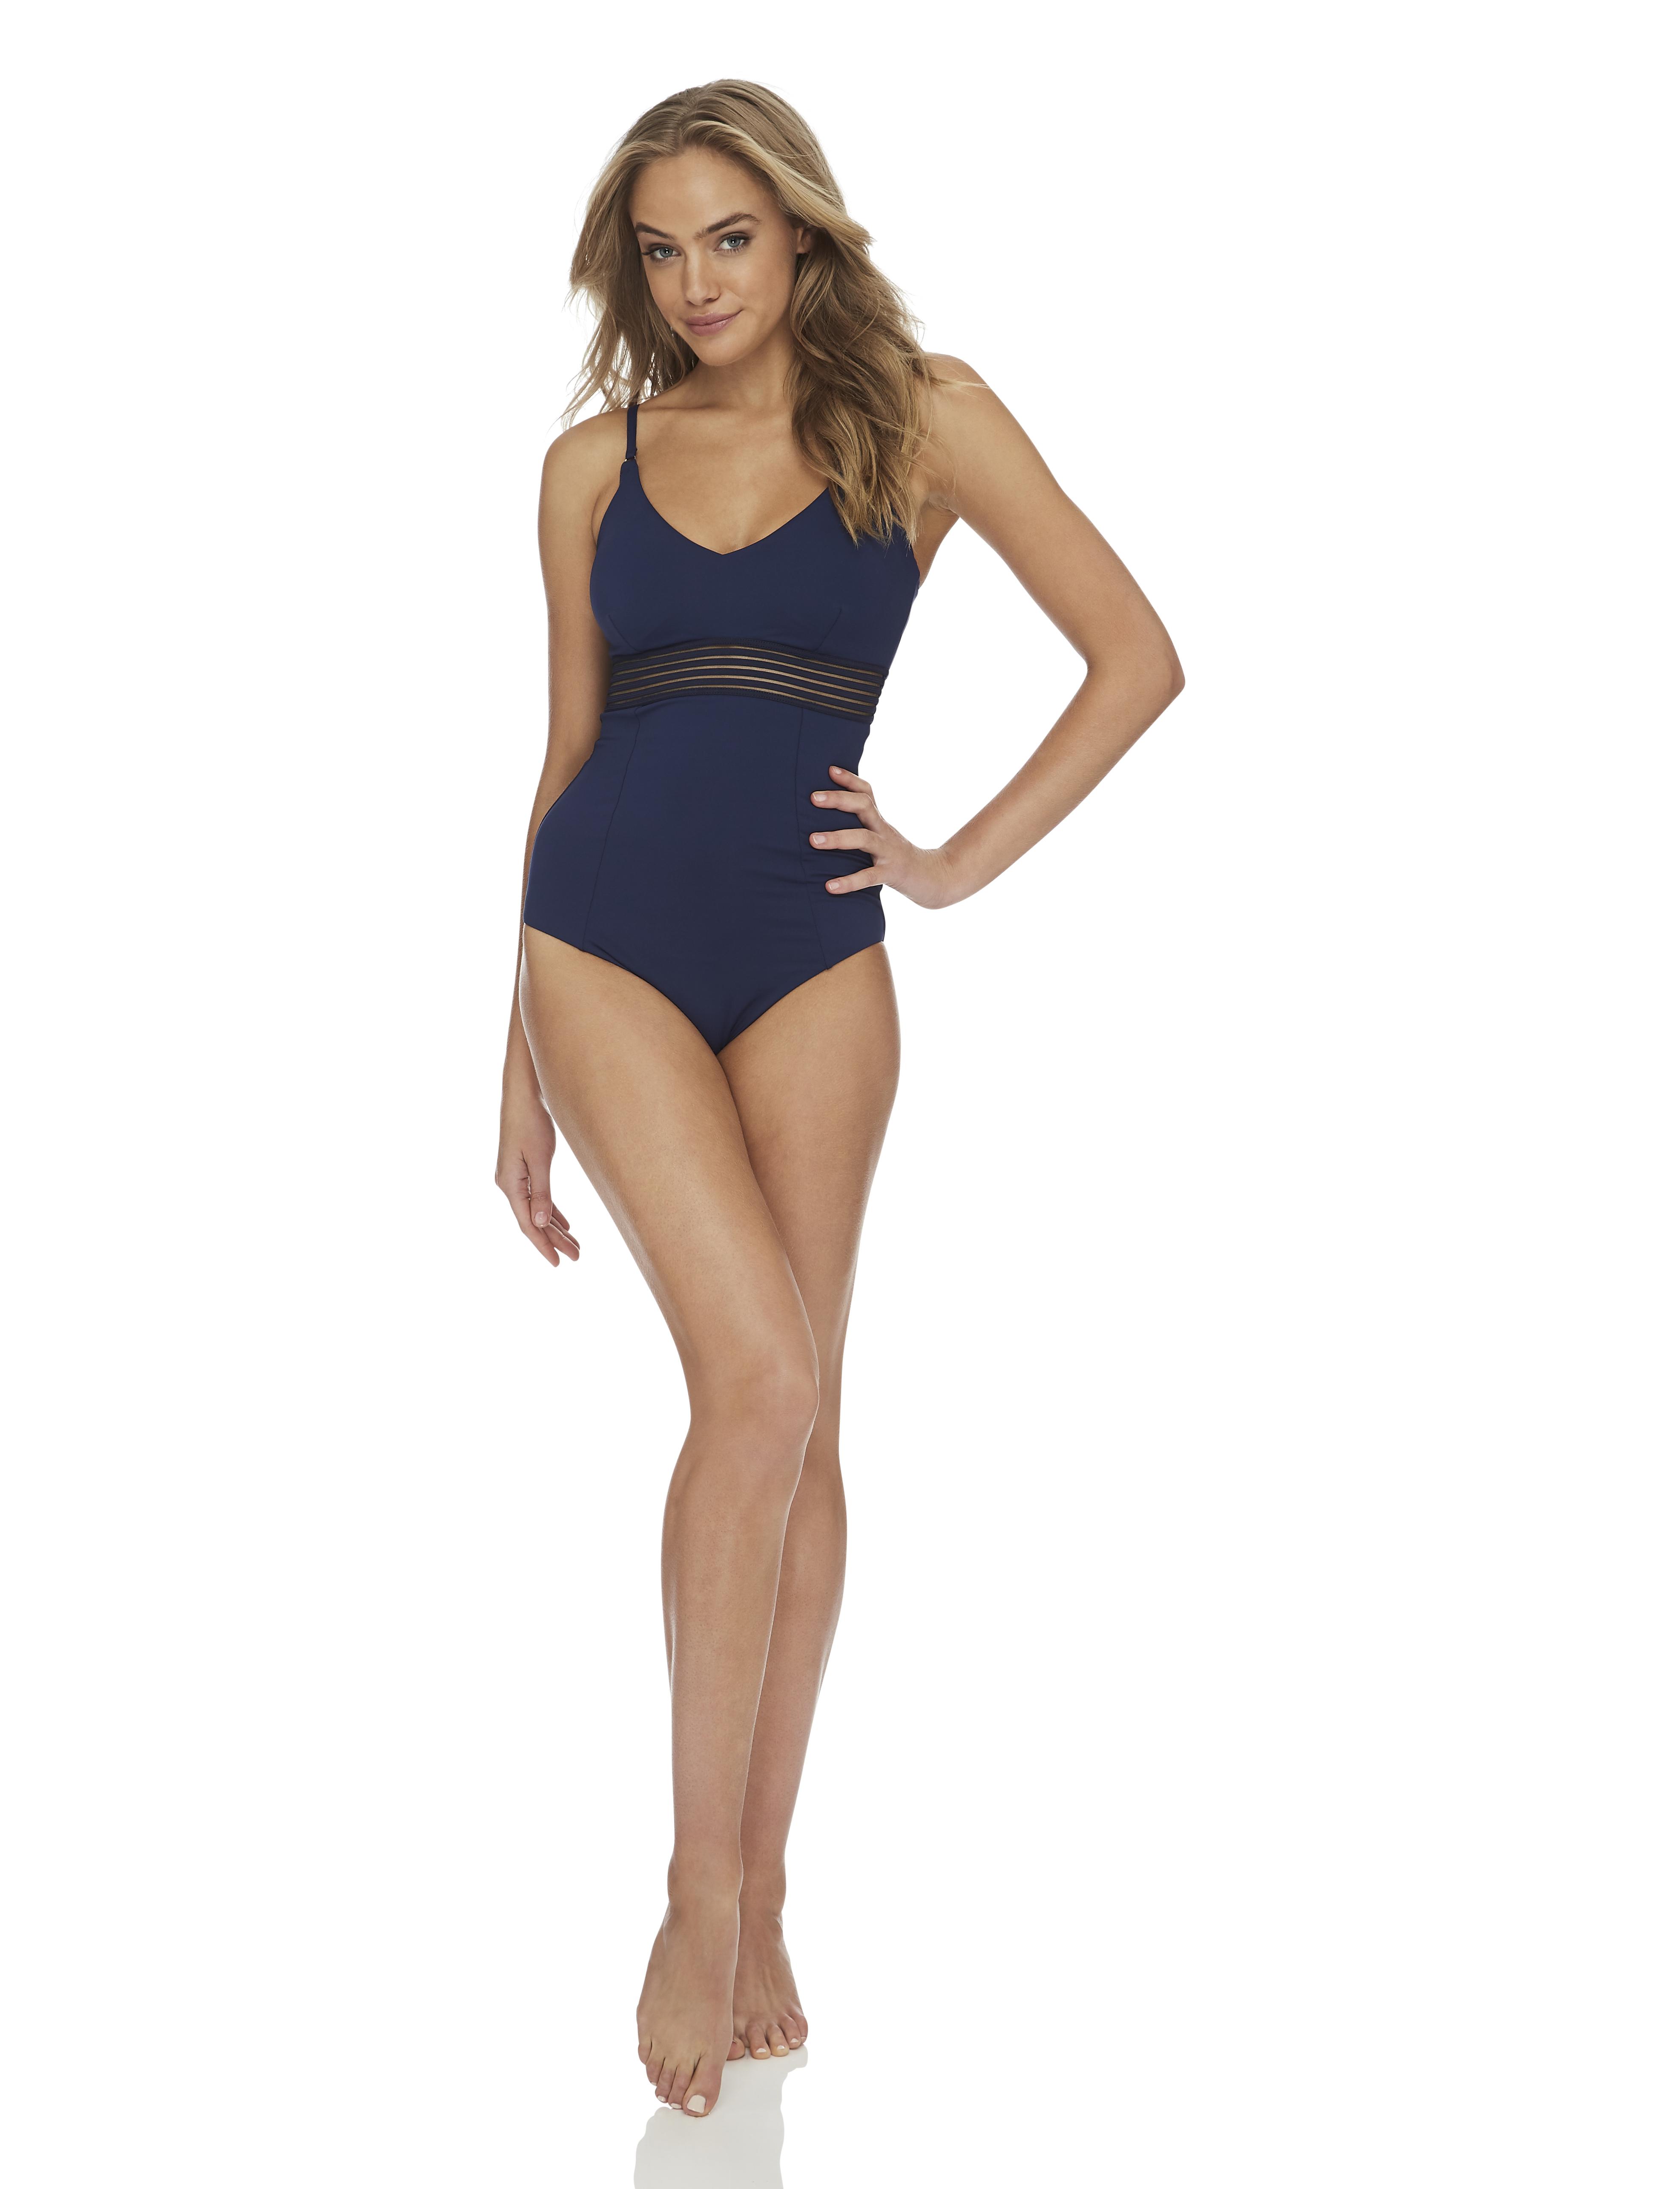 5d9b59f32f Home>Swimwear>Sunseeker>Sunseeker: Aloha Solids – Bralette One Piece